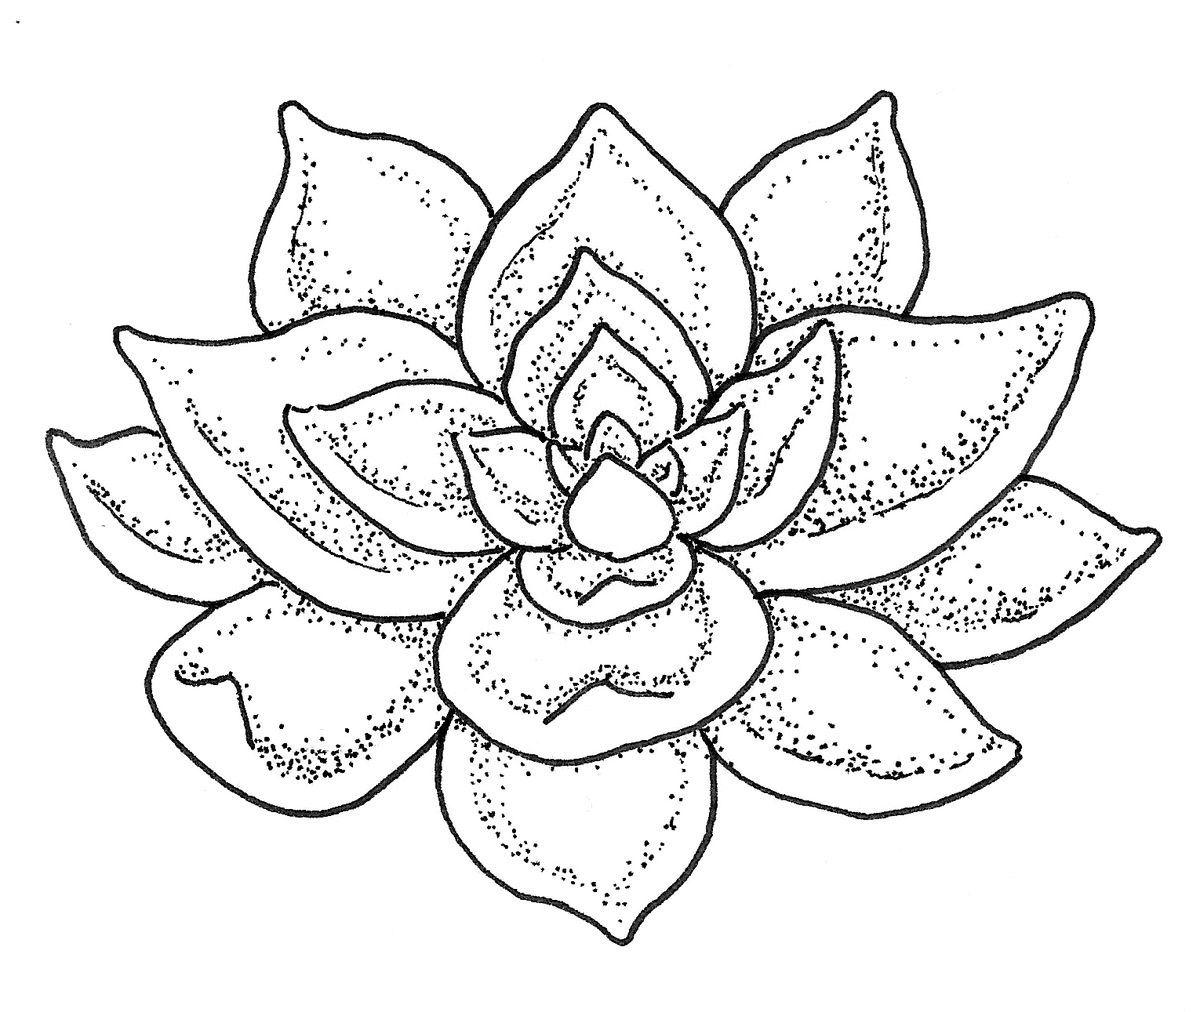 Pin Van Carmen Elena Op Cactussen En Succulents Kleurboek Waterverf Creatief